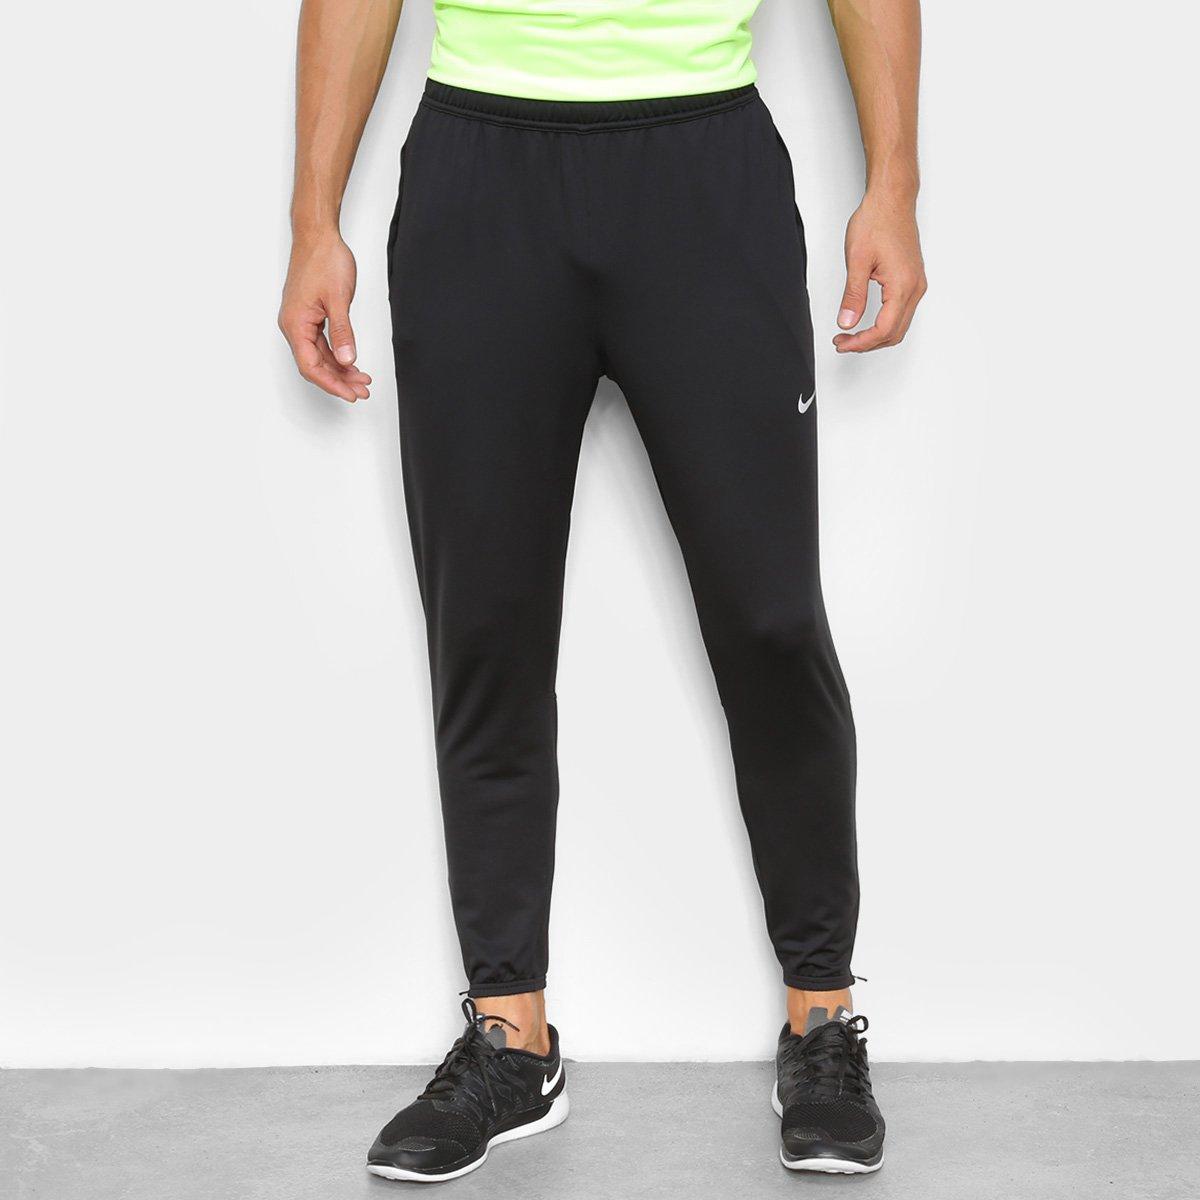 Calça Nike Essential Knit Masculina